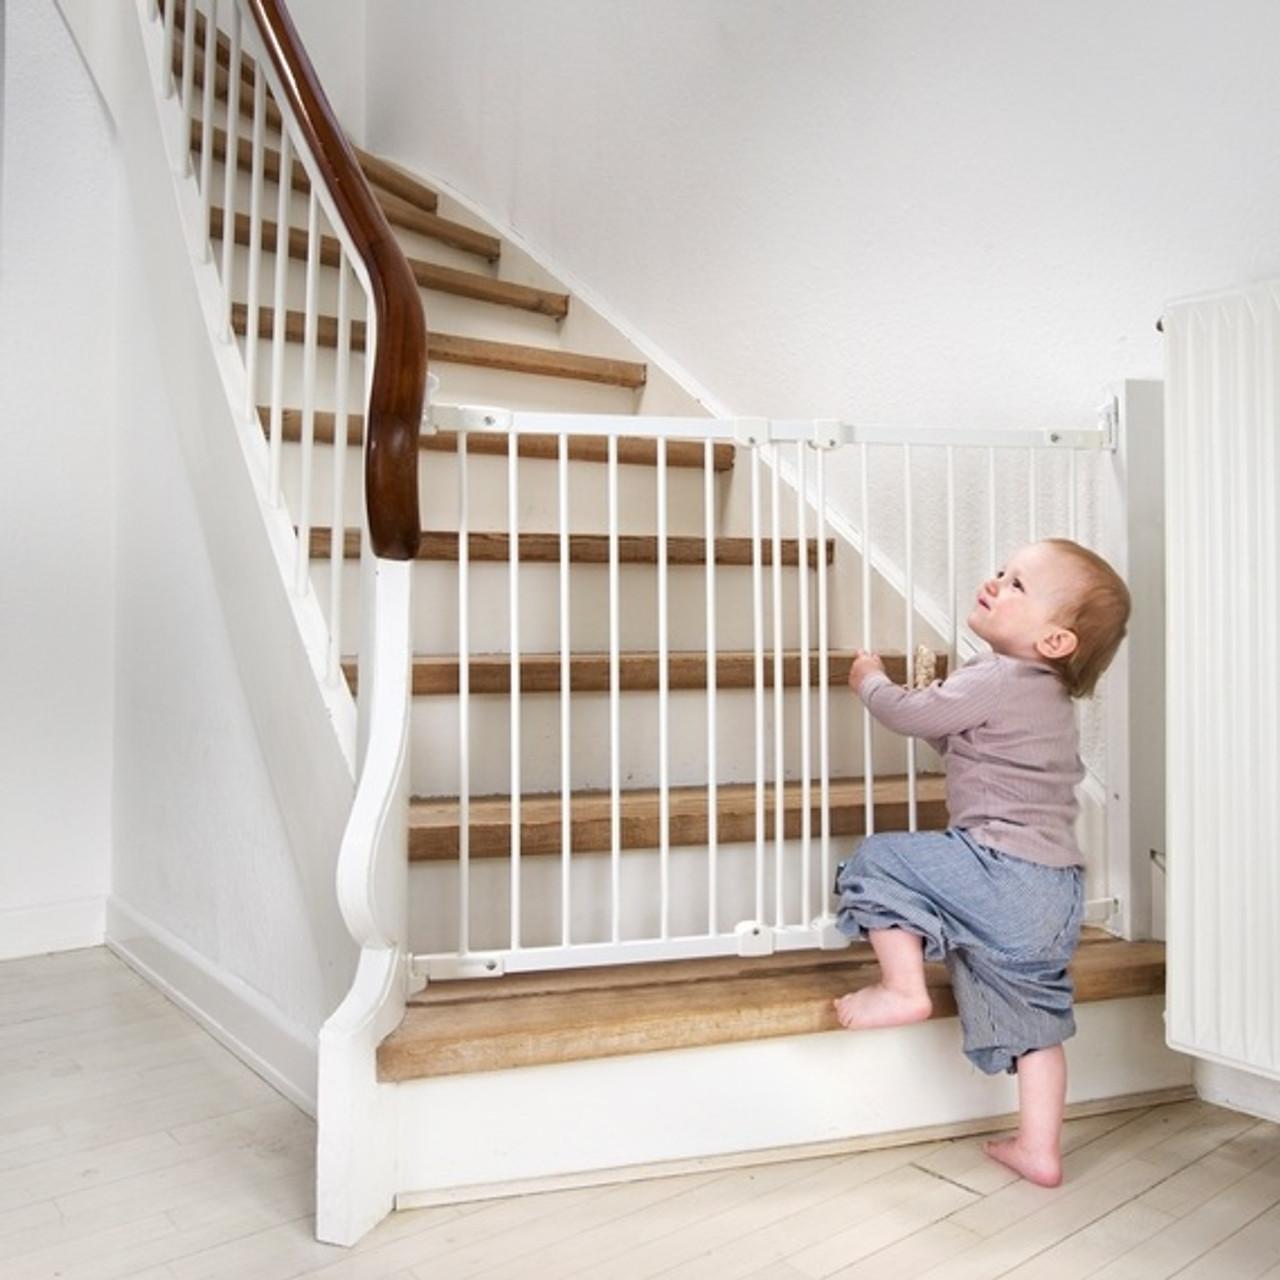 BabyDan Flexi Fit Metal Stair Gate   White (67 105.5 Cm)